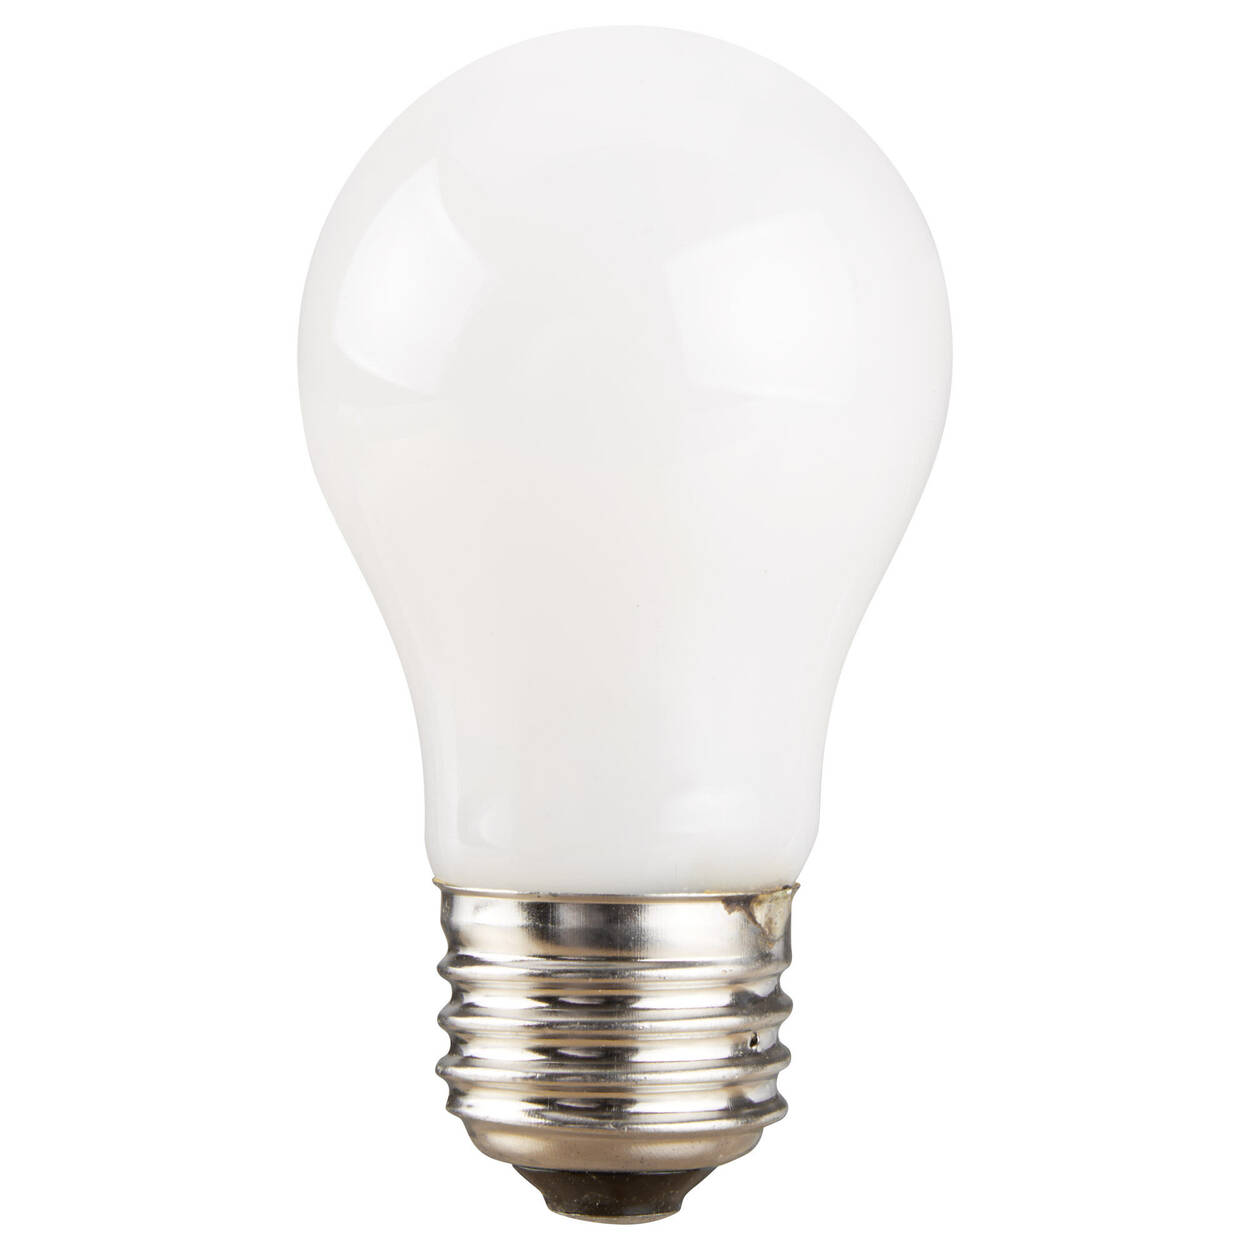 Ensemble de deux ampoules halogènes - 29 W